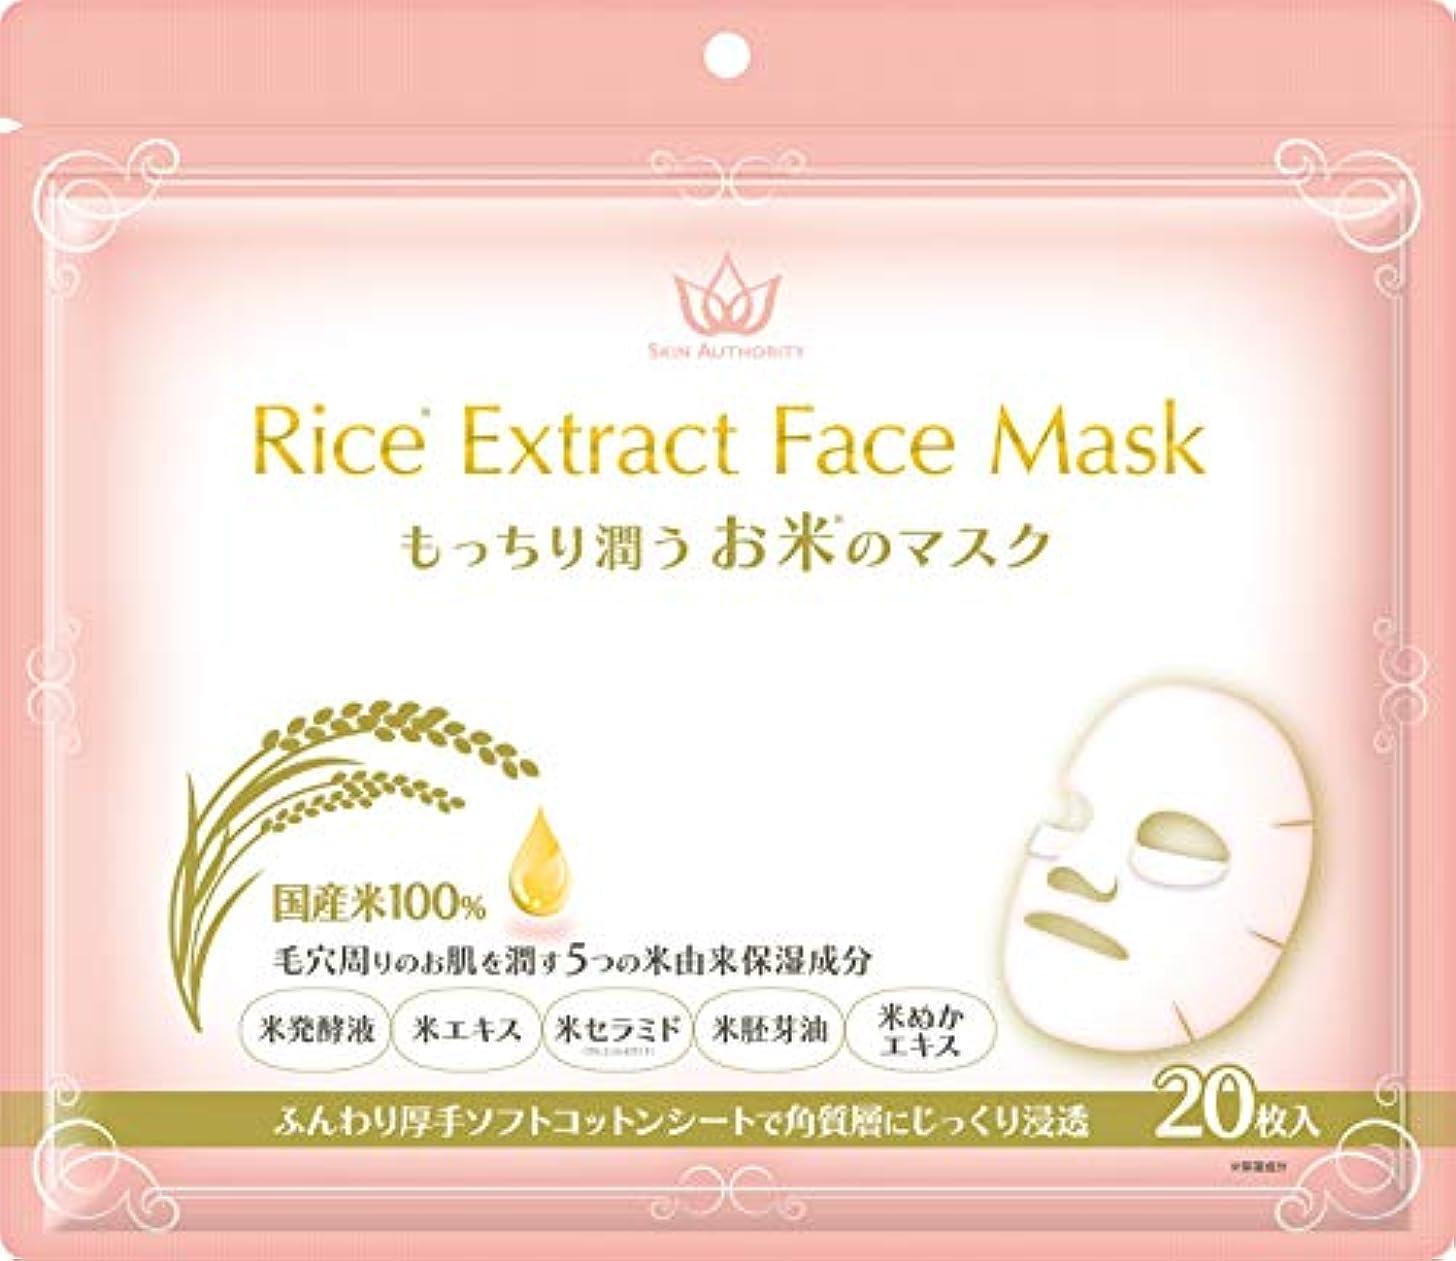 レトルトパパ外交[Amazon限定ブランド] SKIN AUTHORITY もっちり潤うお米のマスク 20枚入 (300ml)